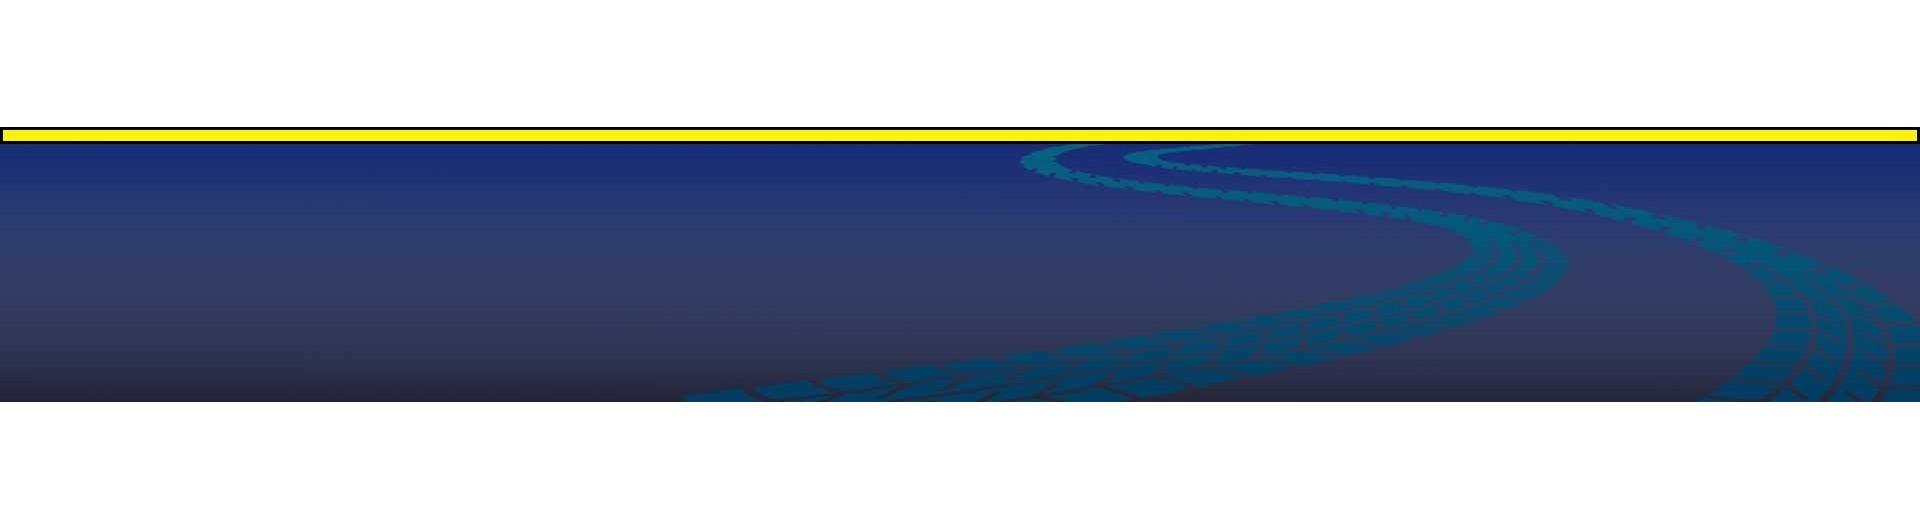 Pneumatici Usati 205 55 r16 | Vendita Online